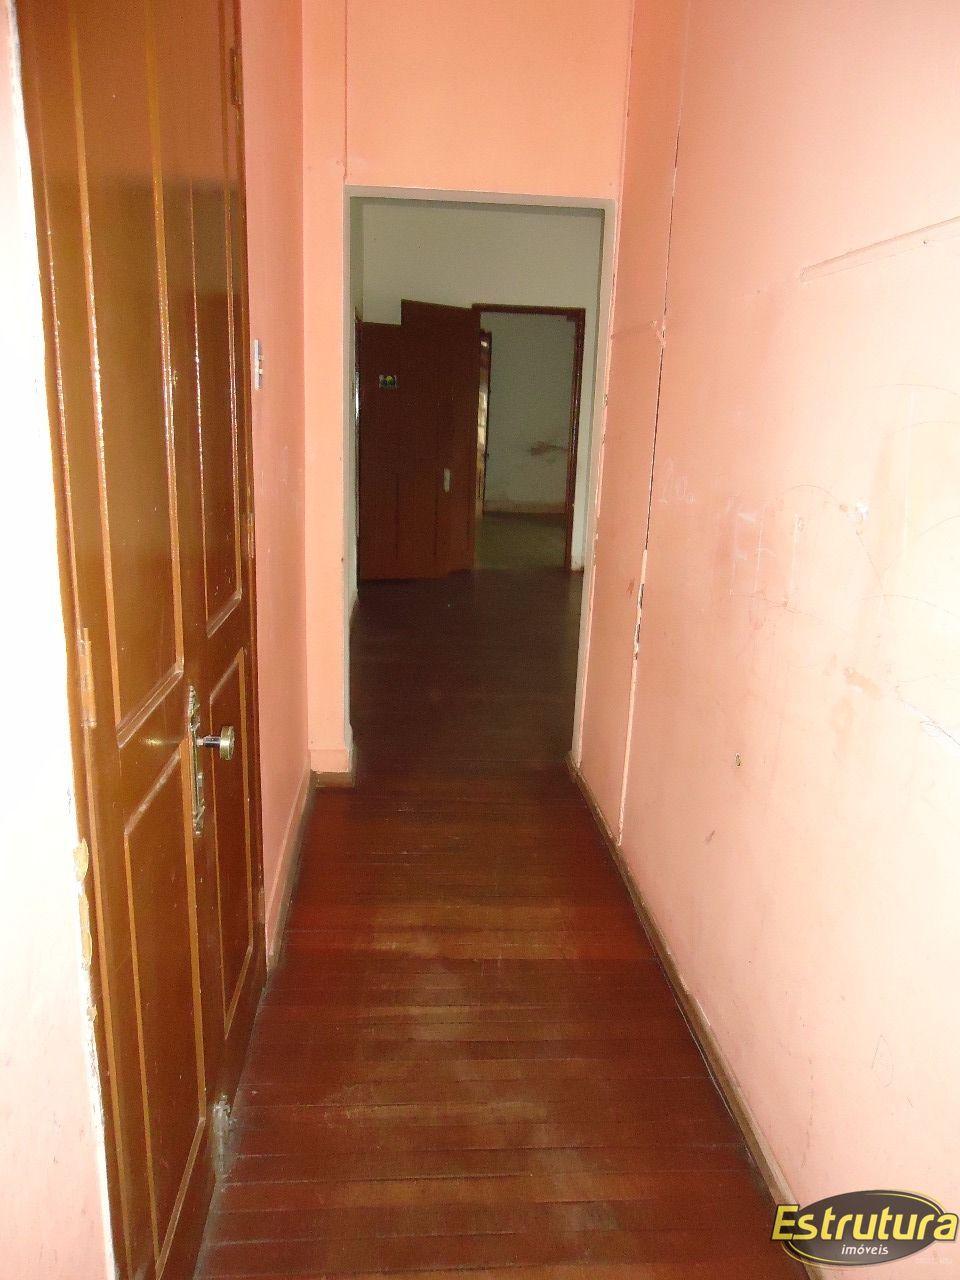 Apartamento com 3 Dormitórios à venda, 154 m² por R$ 160.000,00